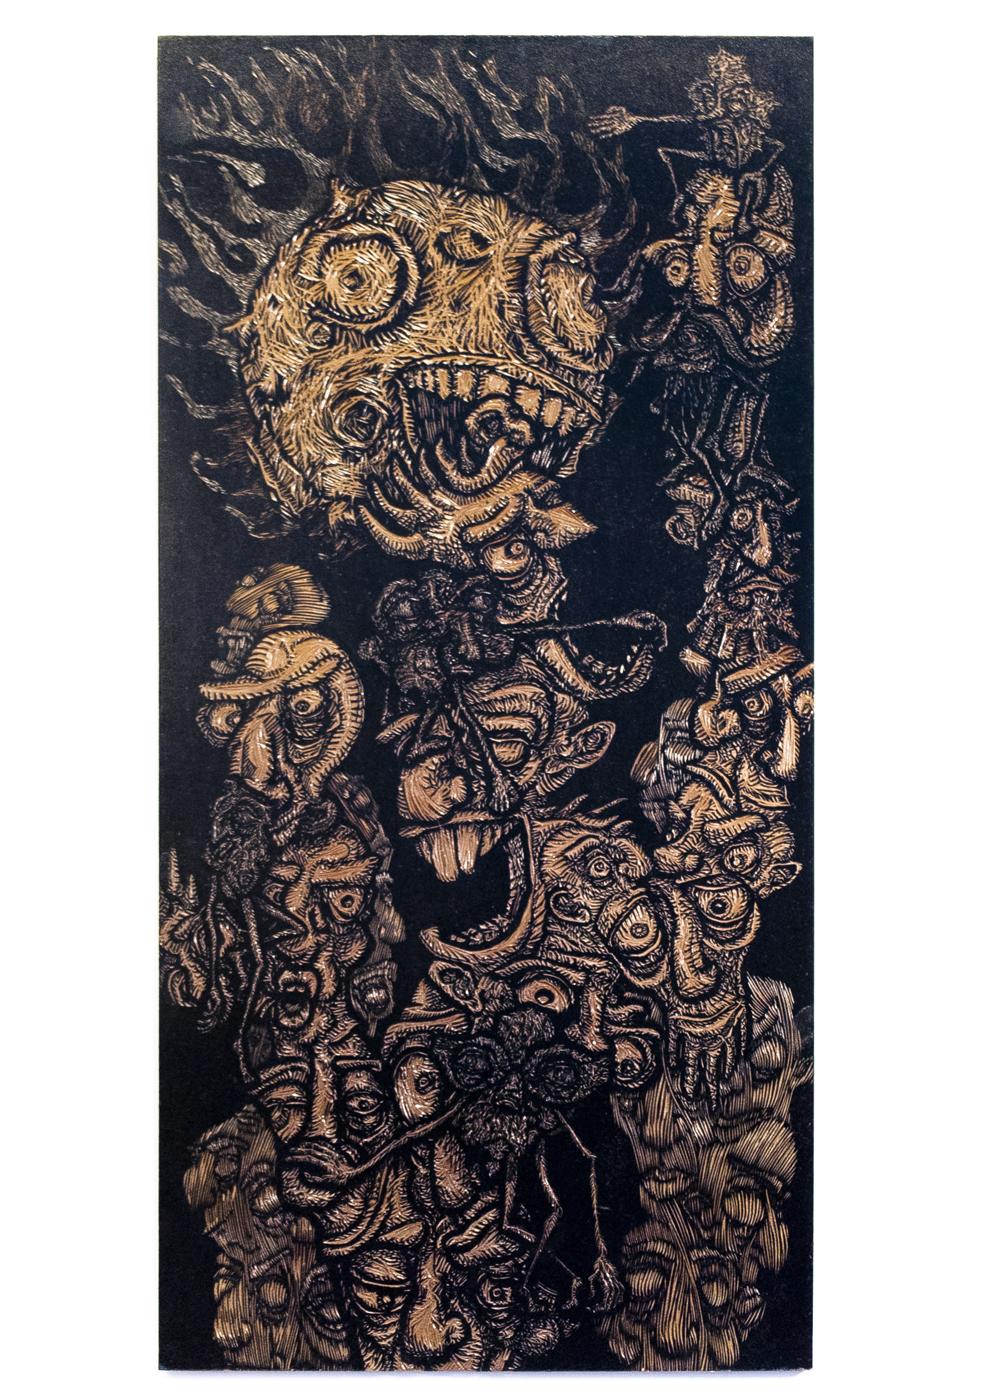 Horned-Orb Ritual